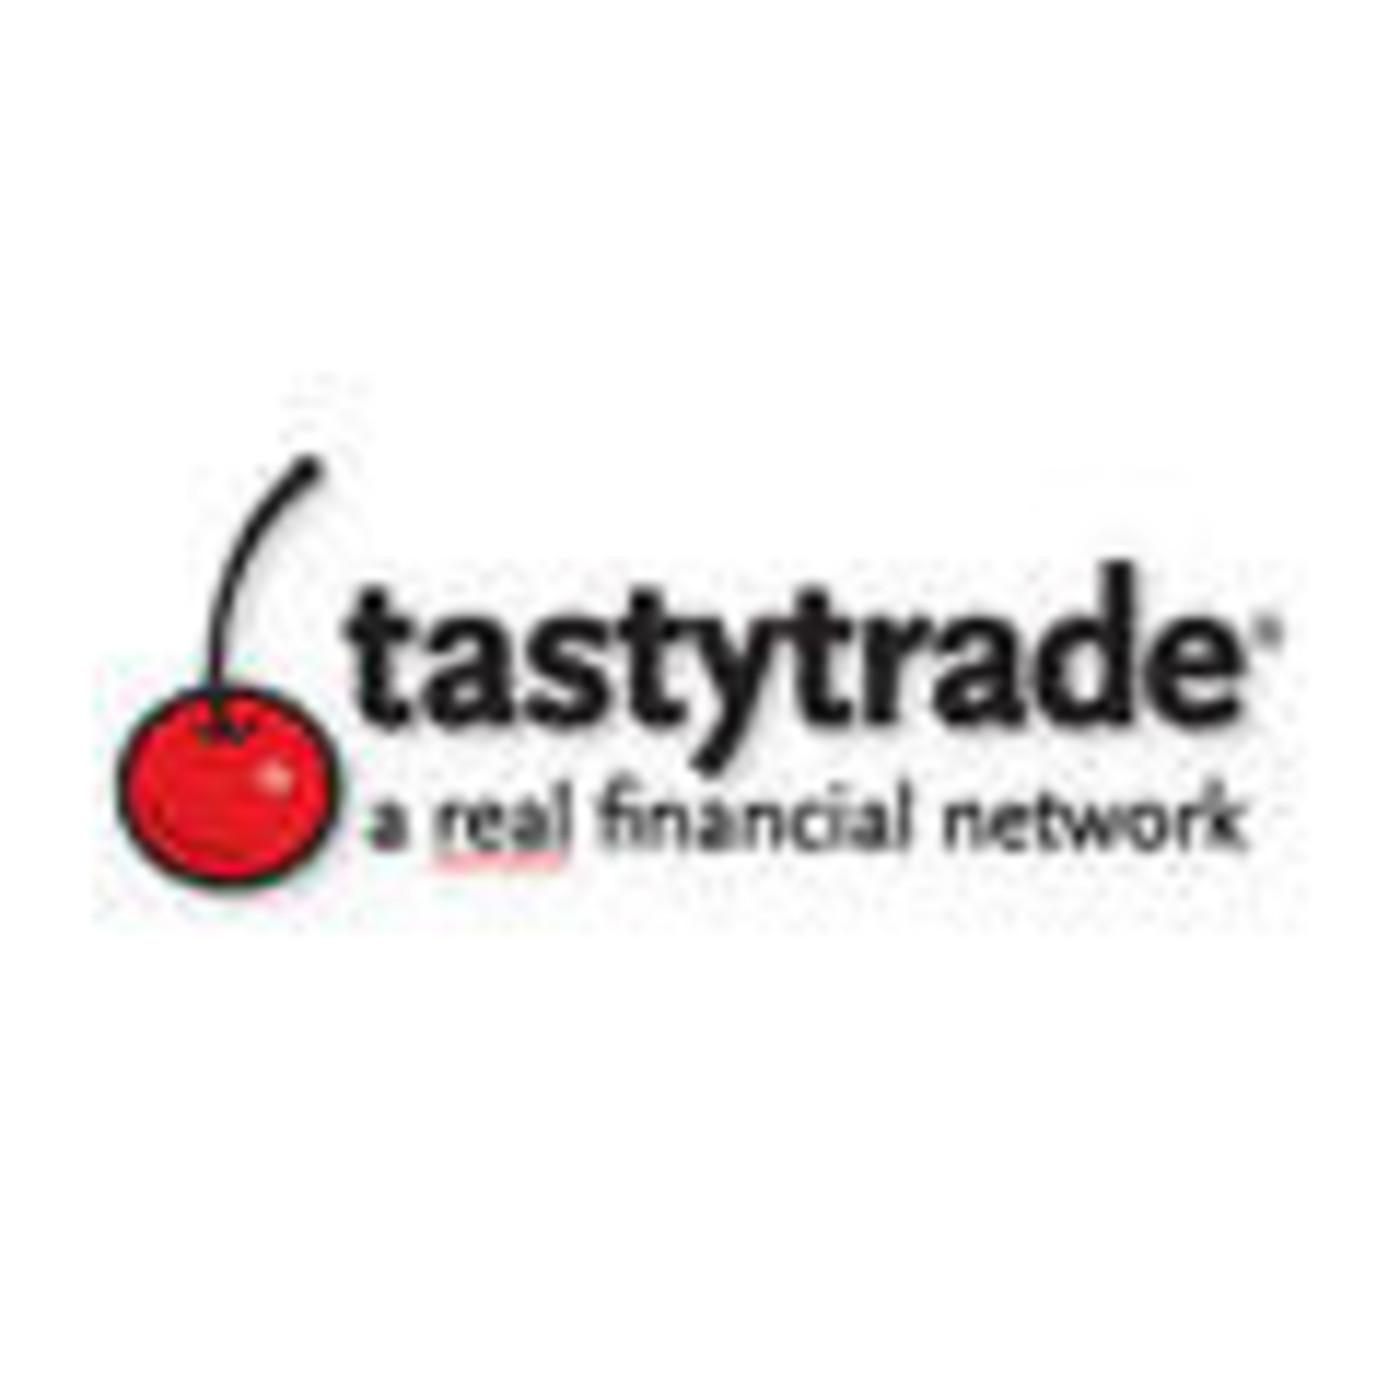 tastytrade, Inc.